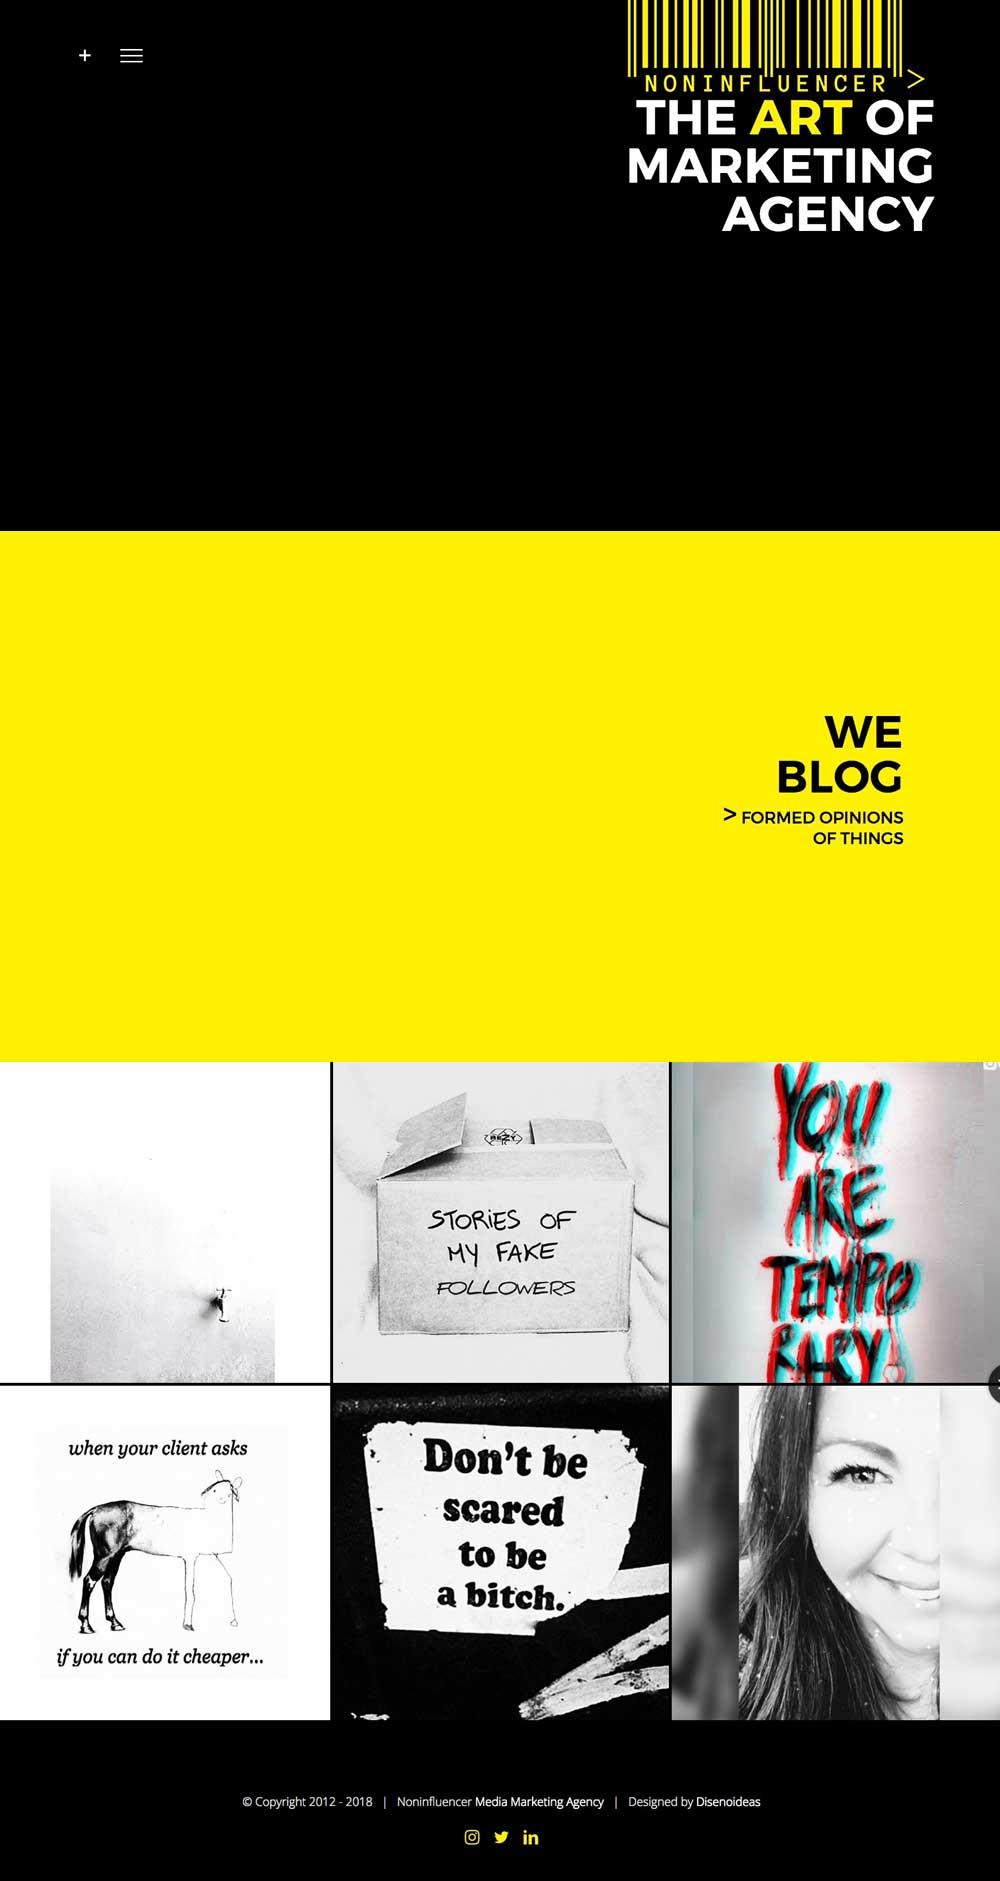 marketing-online-noninfluencer-social-media-agency-in-marbella-website-design-disenoideas